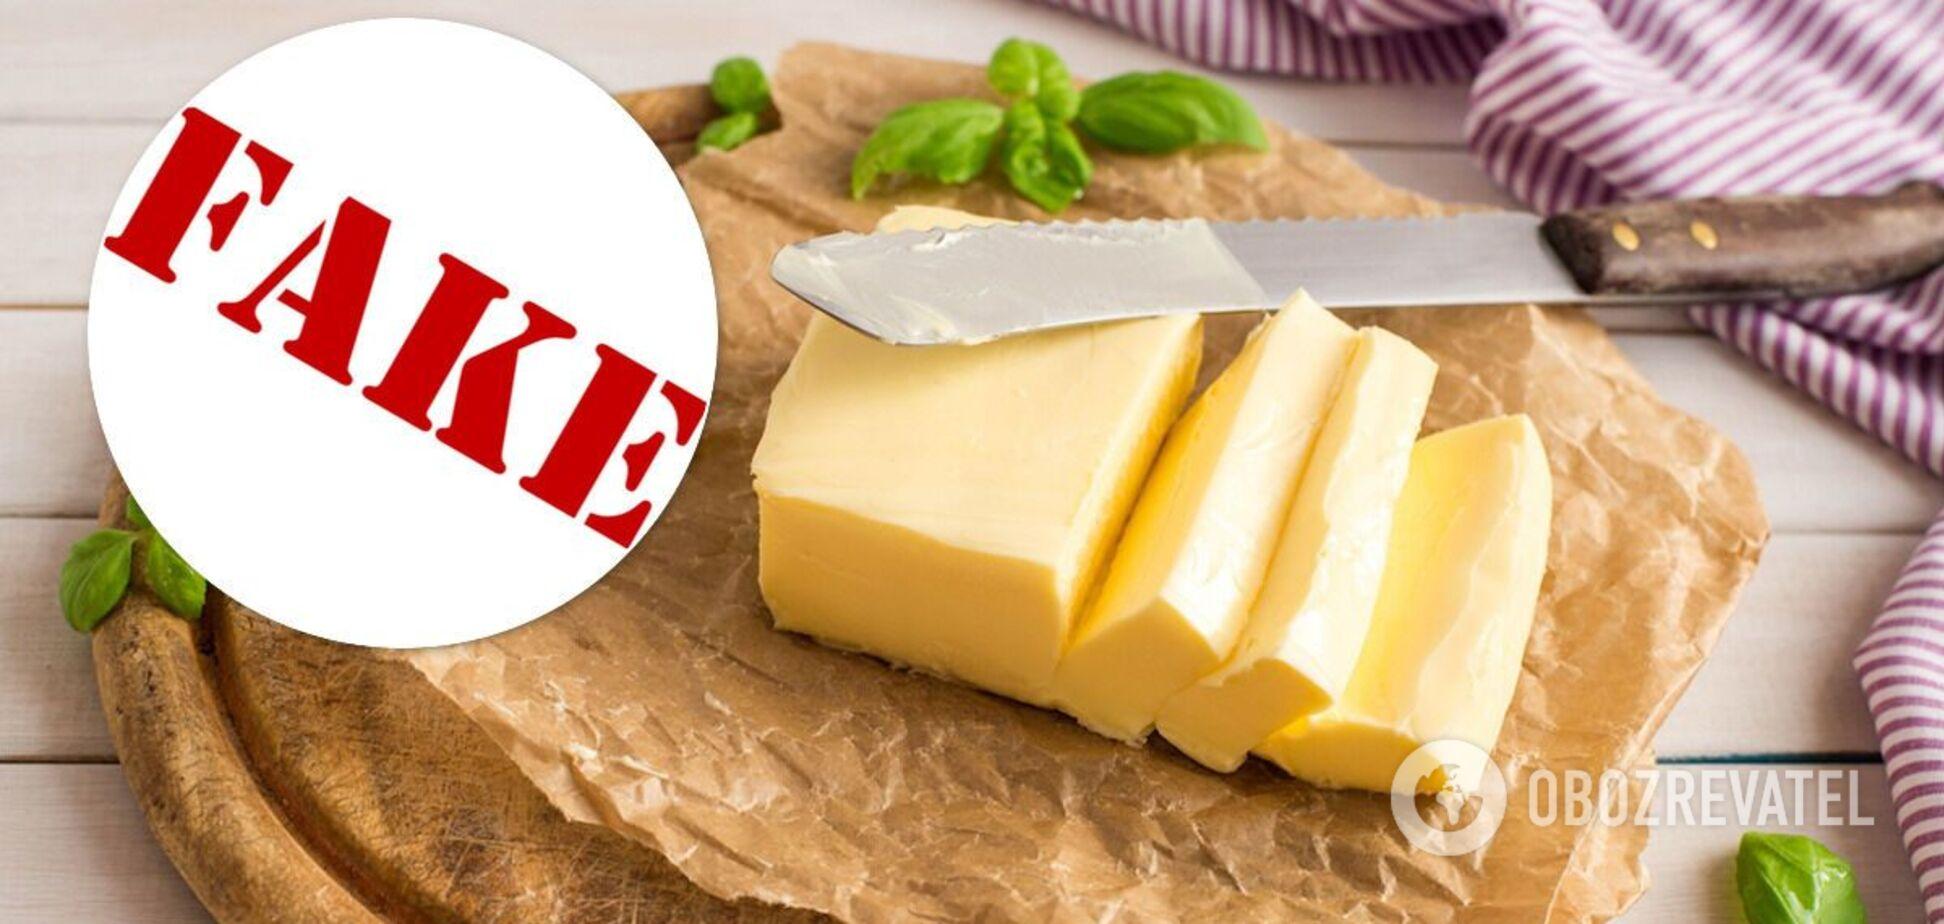 В Україні виготовляють фальшиве масло в кожній області – Союз споживачів